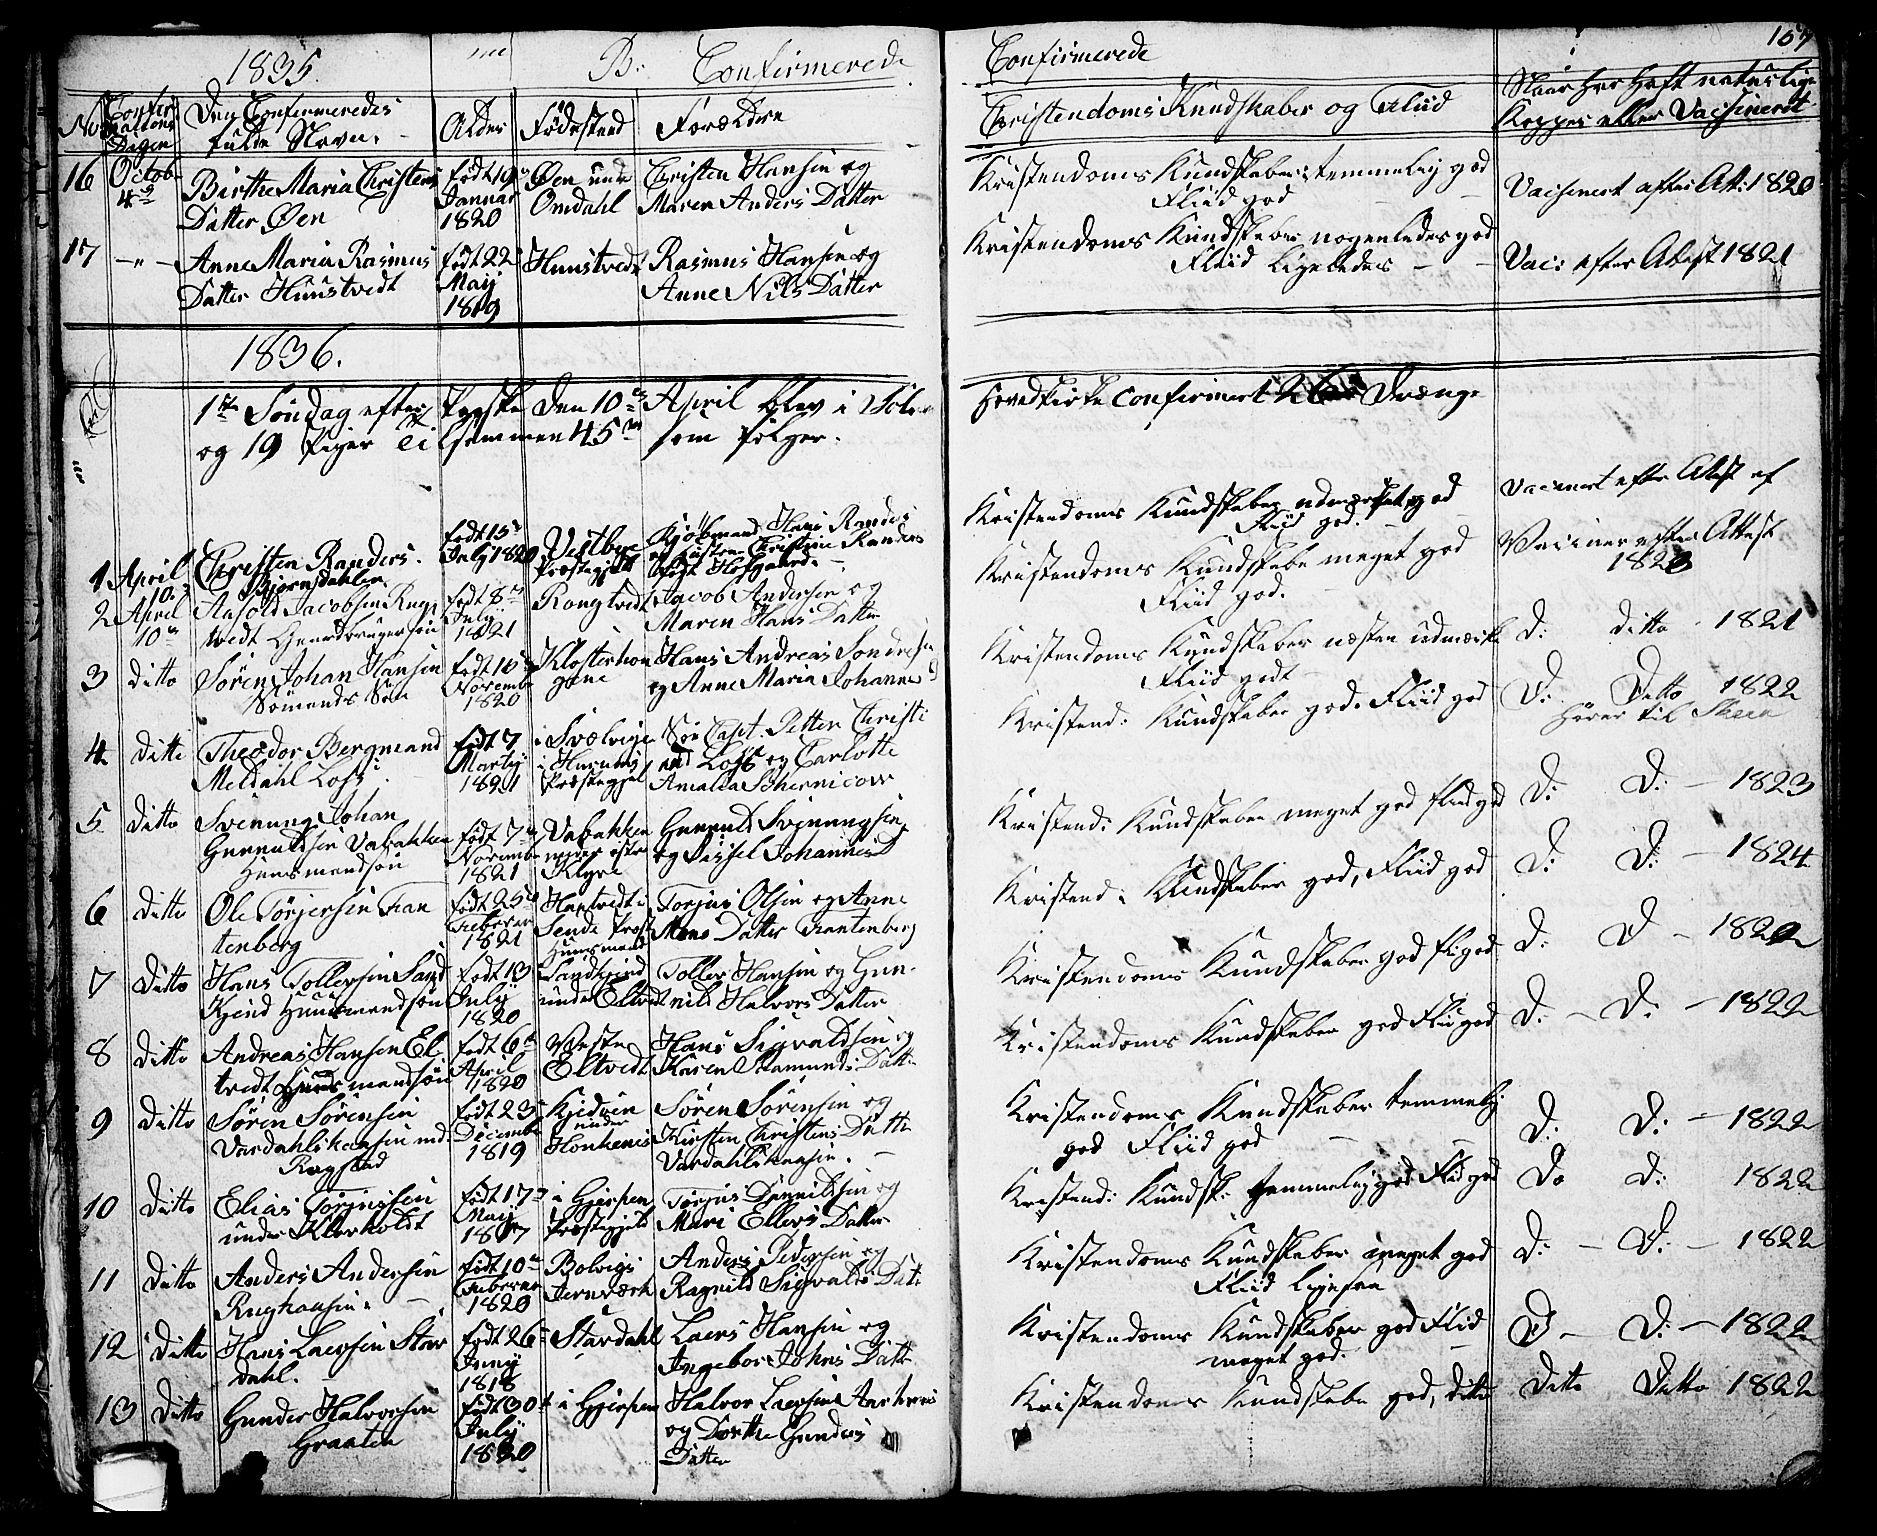 SAKO, Solum kirkebøker, G/Ga/L0002: Klokkerbok nr. I 2, 1834-1848, s. 157